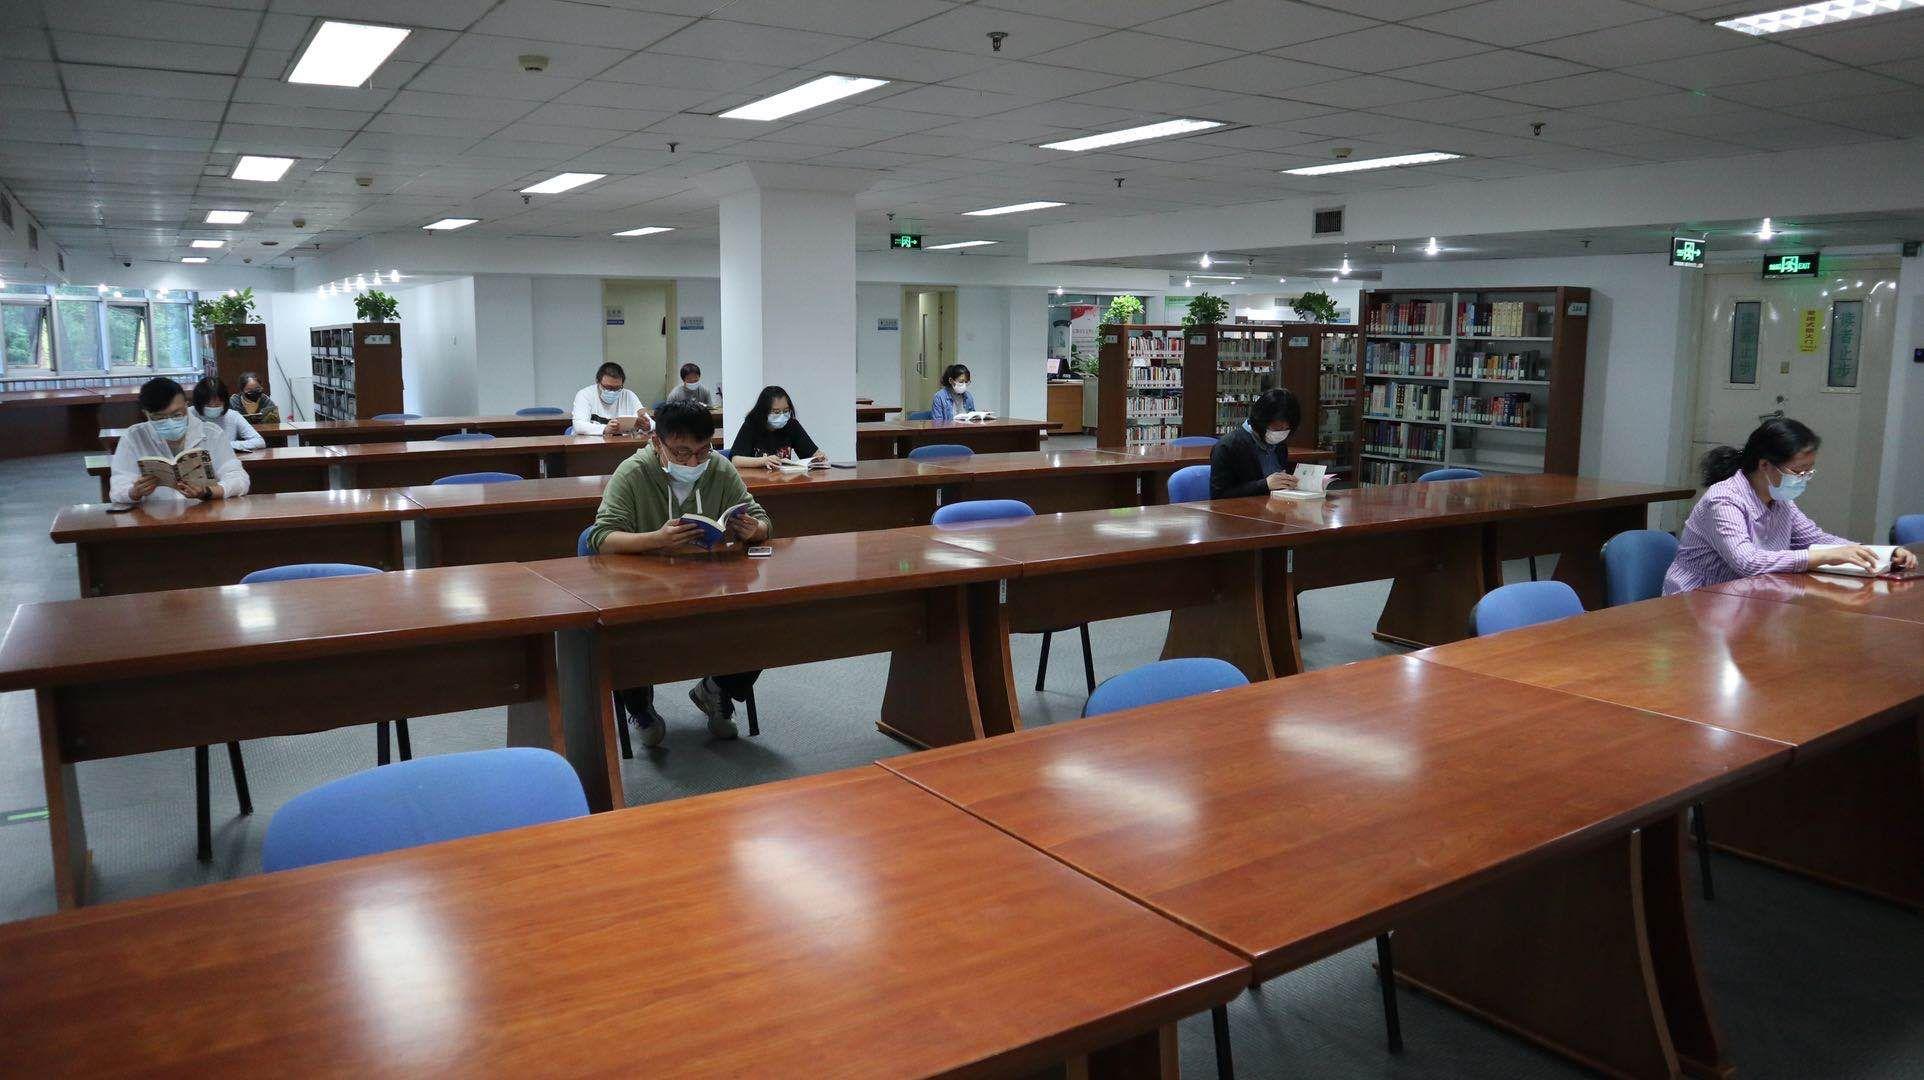 「天富」书馆今日恢天富复开放北京多个区图书图片